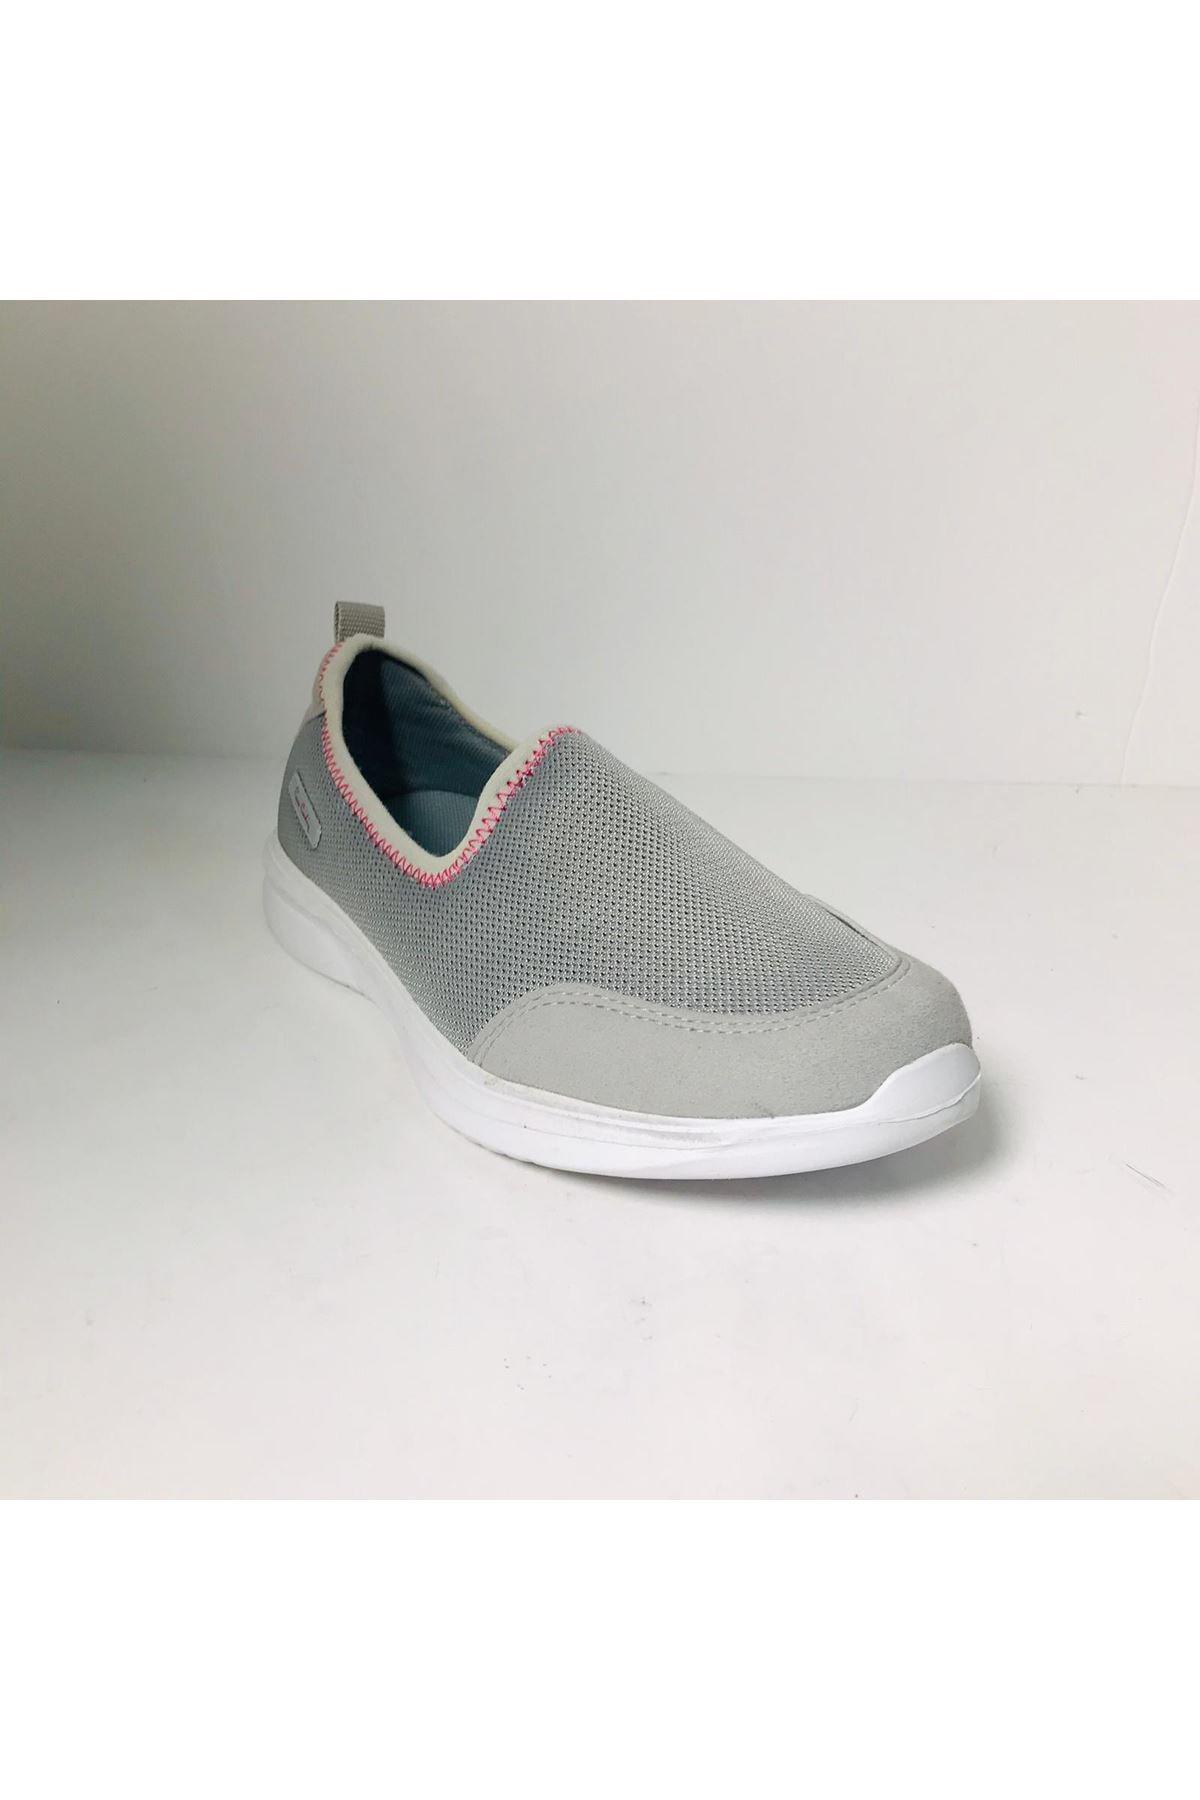 Pierre Cardin Pıerre Cardin Kadın Ayakkabı Pc-10183 Gri 1